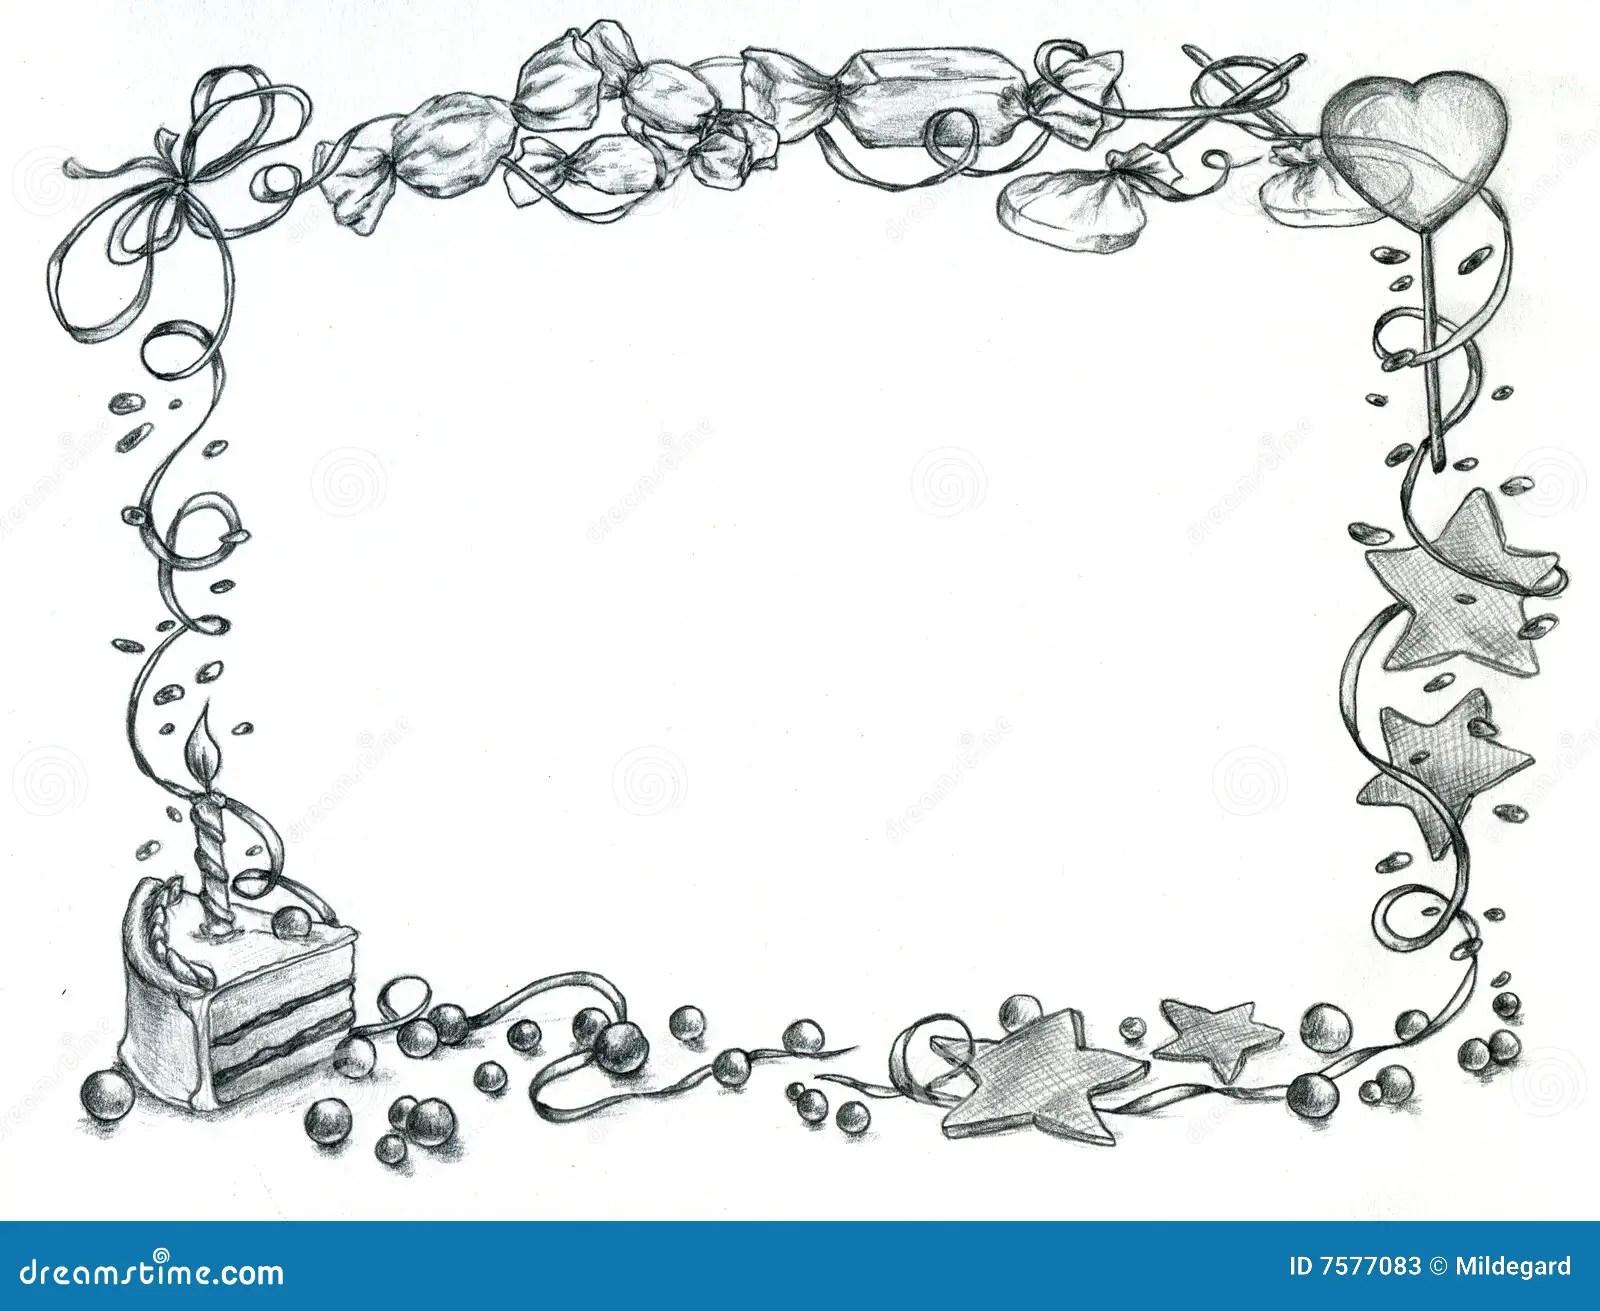 Trame De Joyeux Anniversaire Illustration Stock